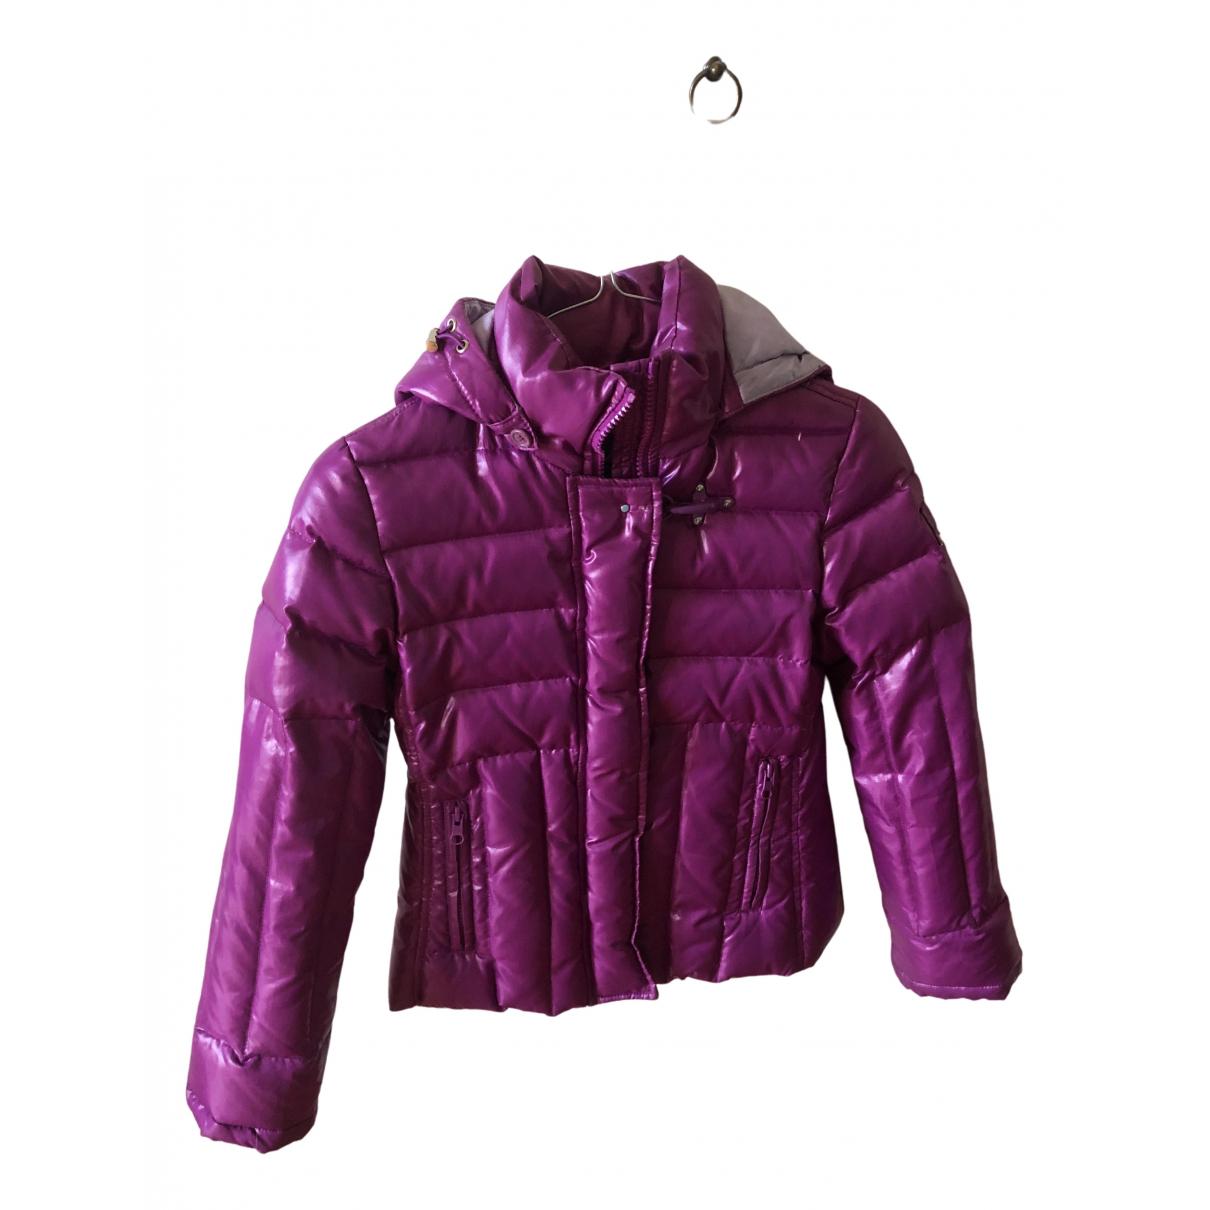 Fay - Blousons.Manteaux   pour enfant - rose